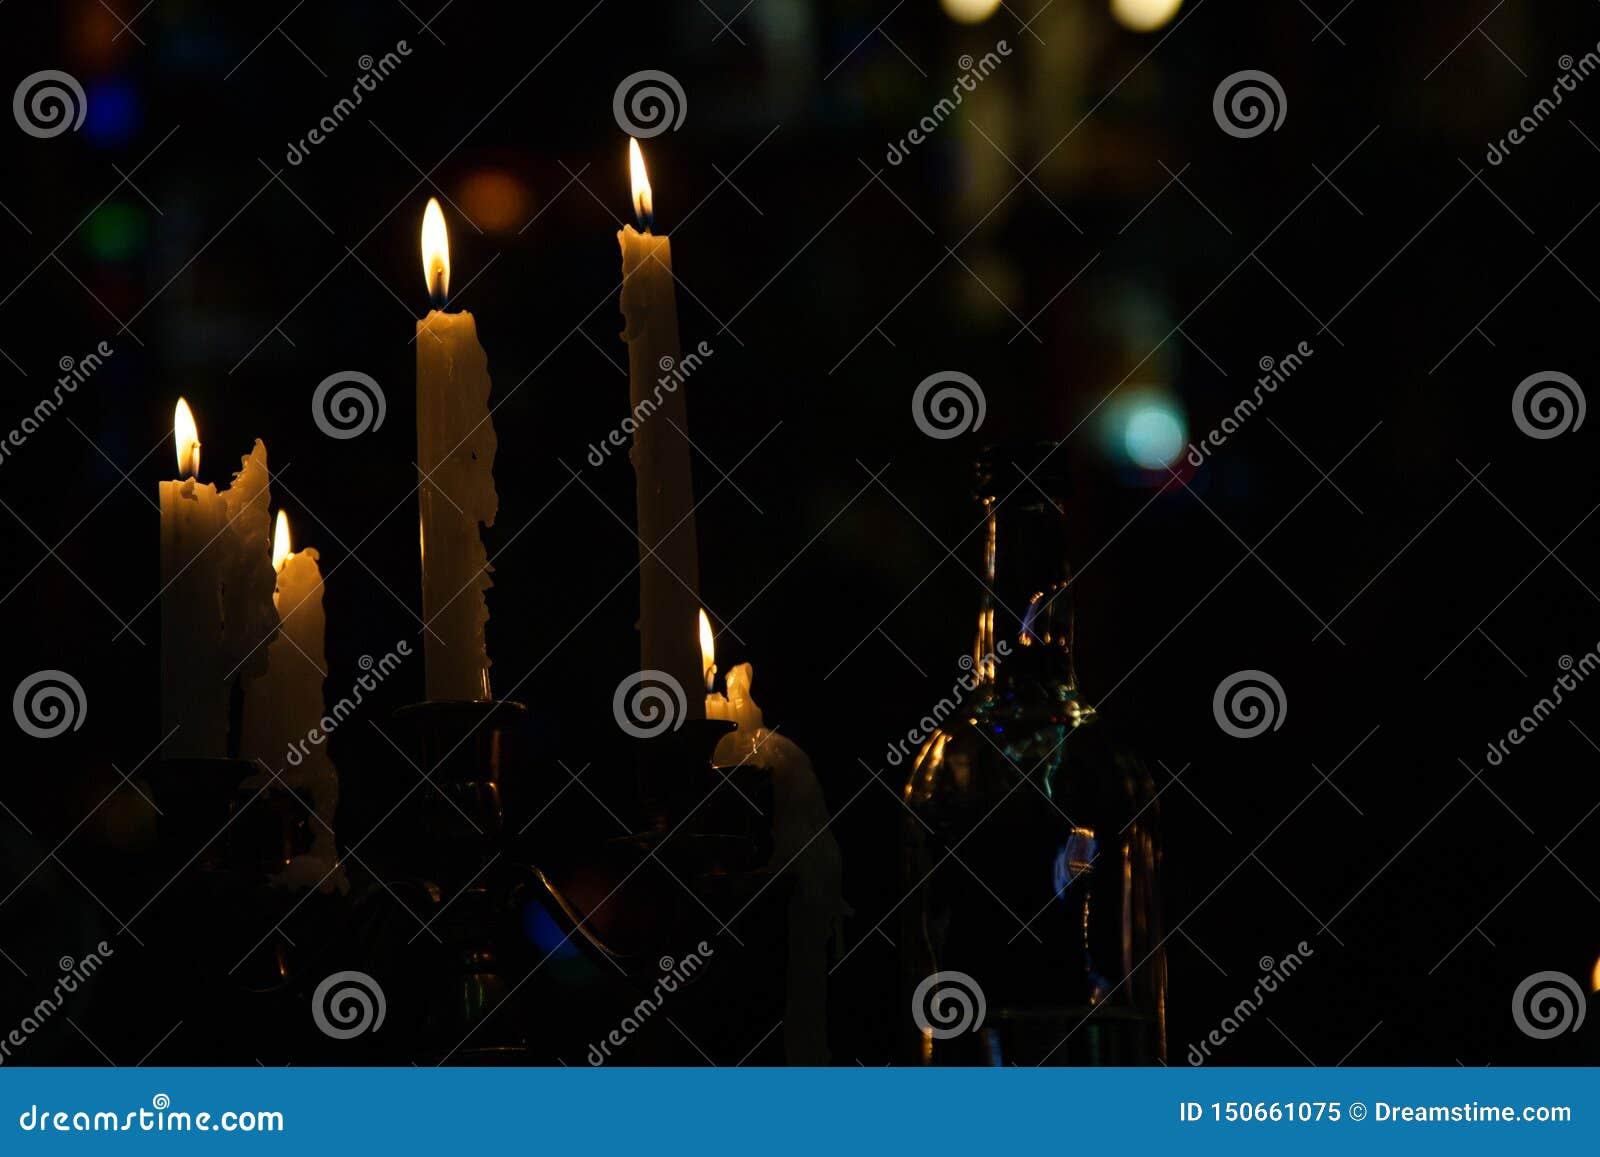 Velas de queimadura em um castiçal em uma sala escura